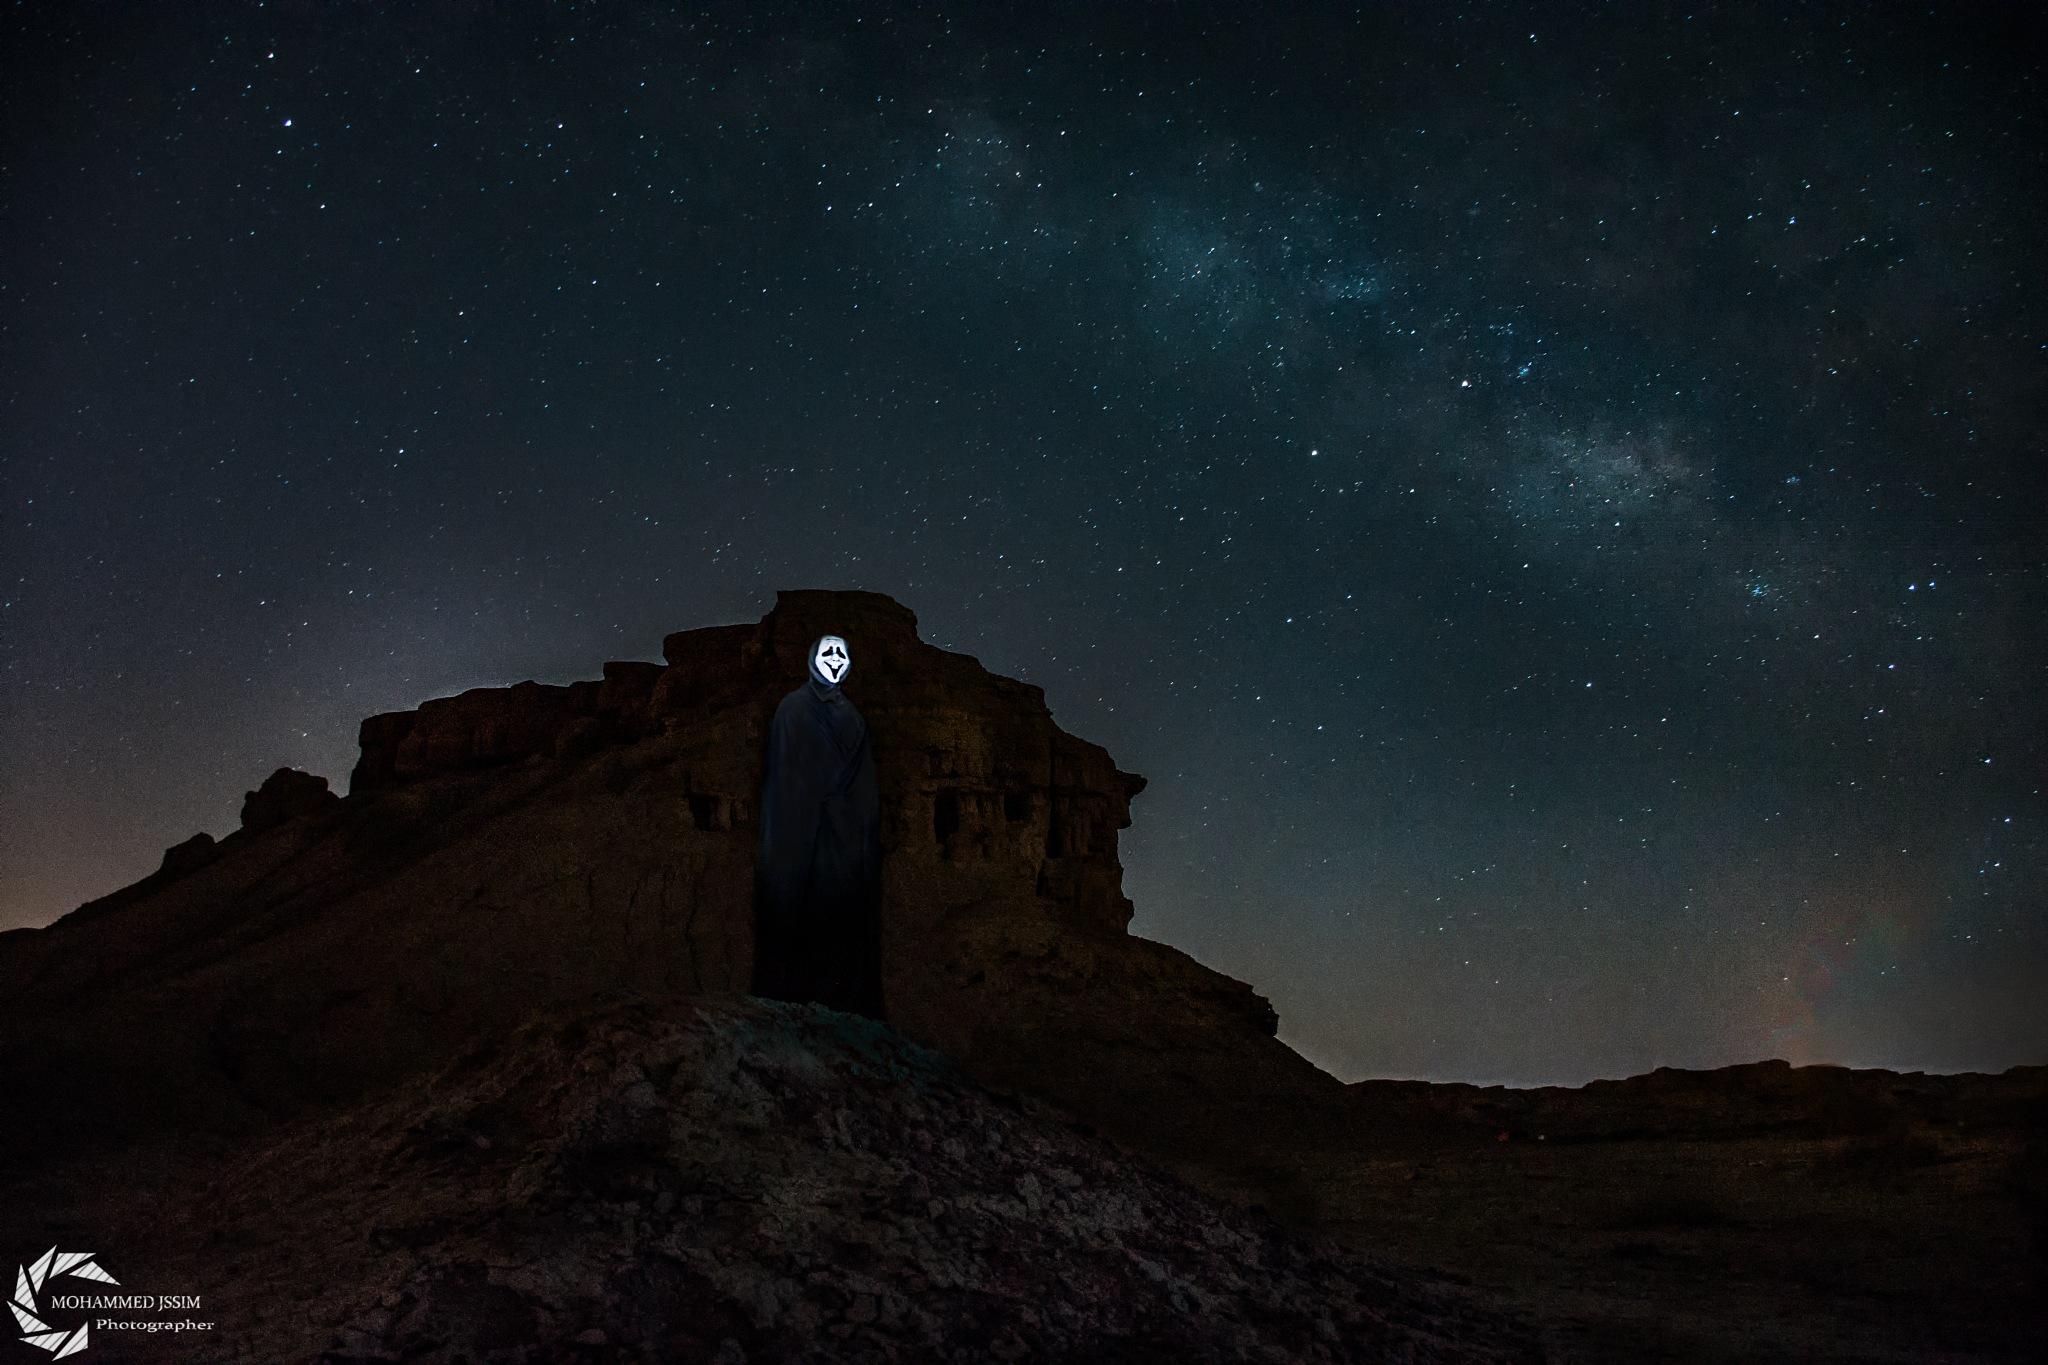 عمل ثاني اليه في تصوير المجره تجربتي البسيطه by Mohammed Jassim